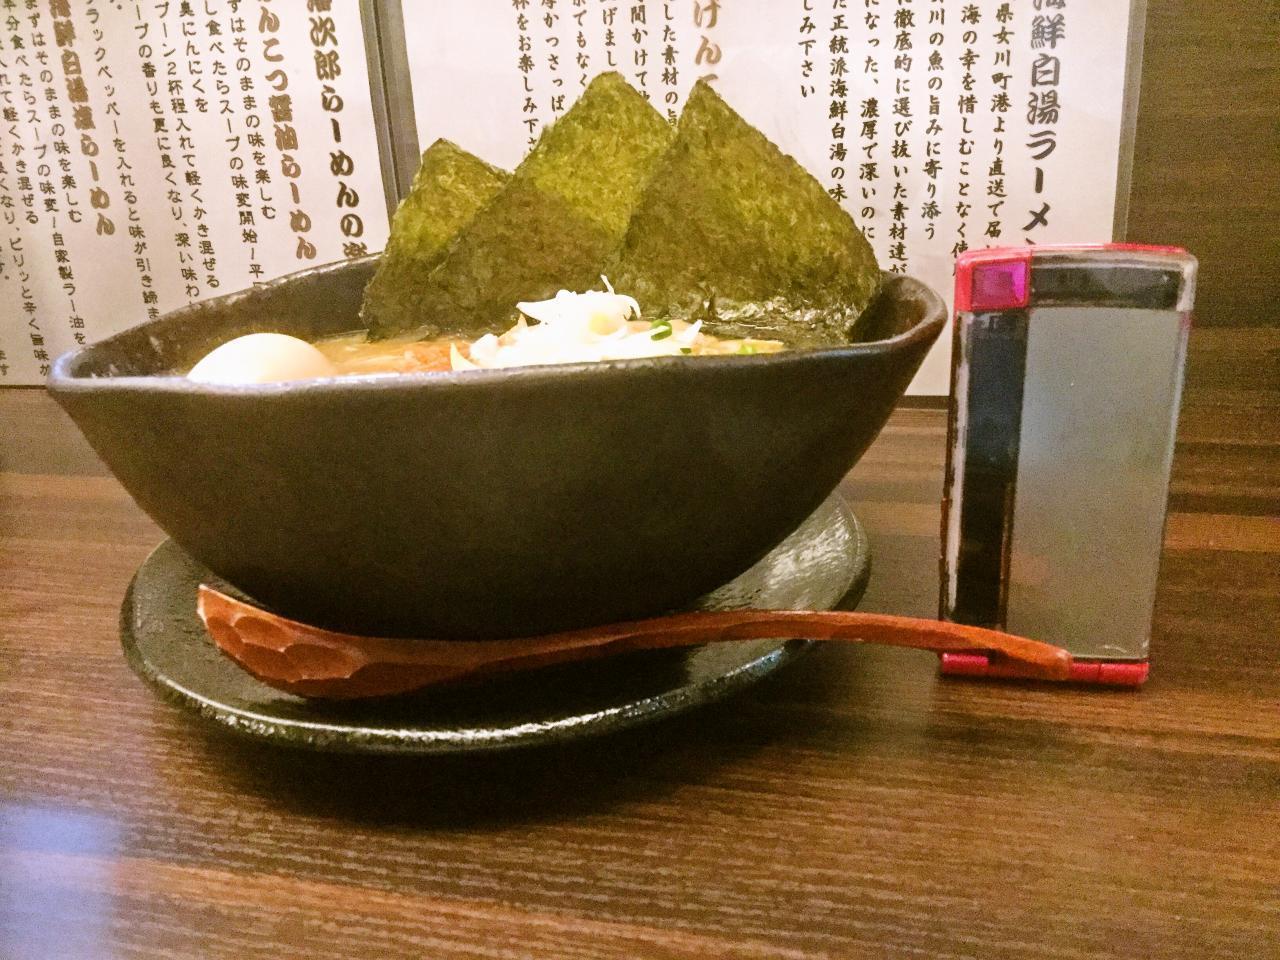 麺匠 藩次郎 武蔵新城総本店(らーめん)